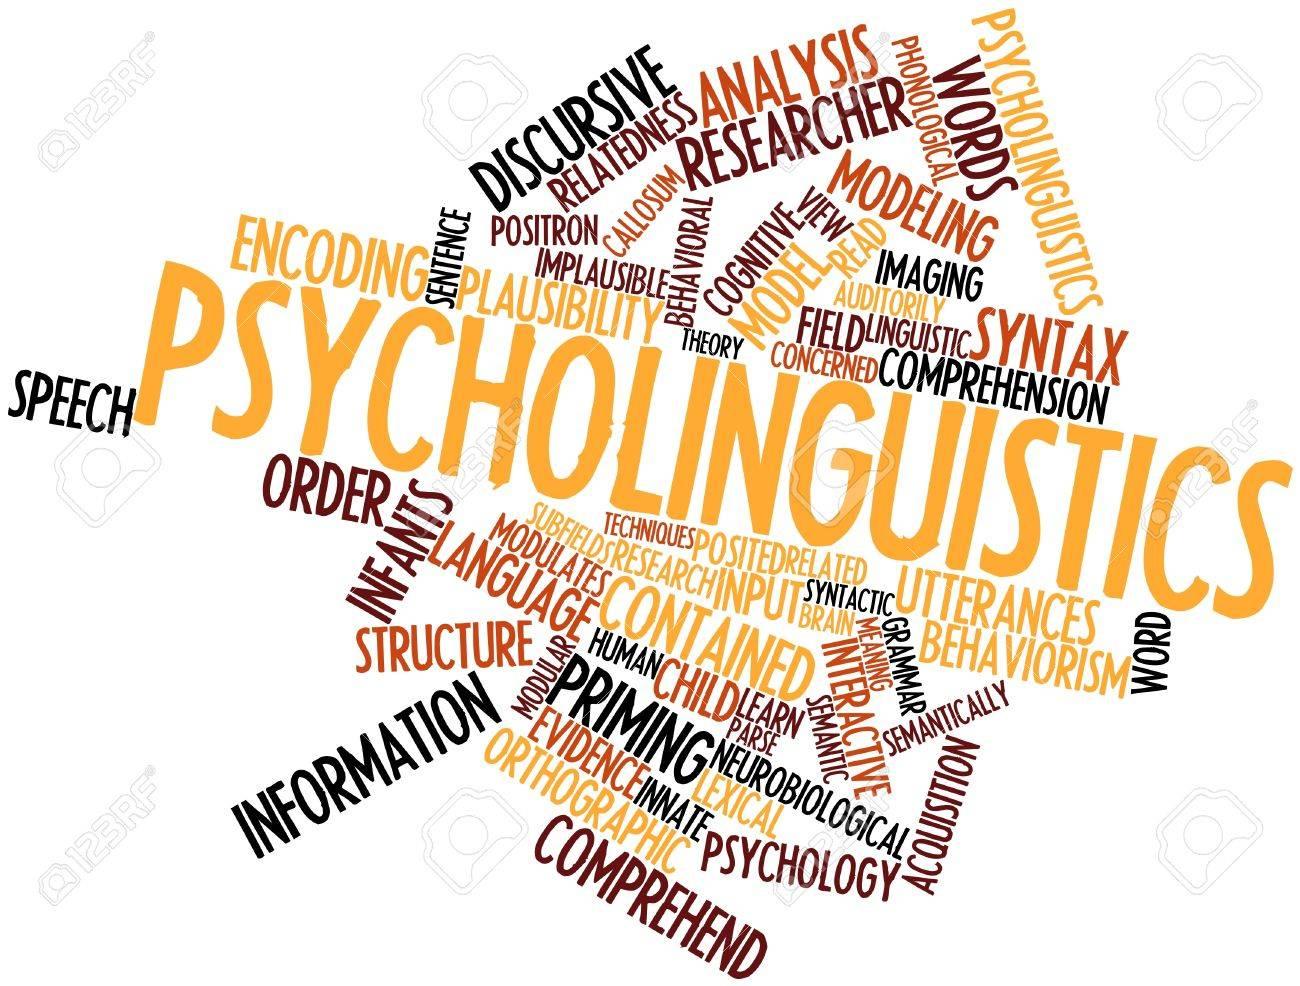 関連するタグと用語と心理言語学...